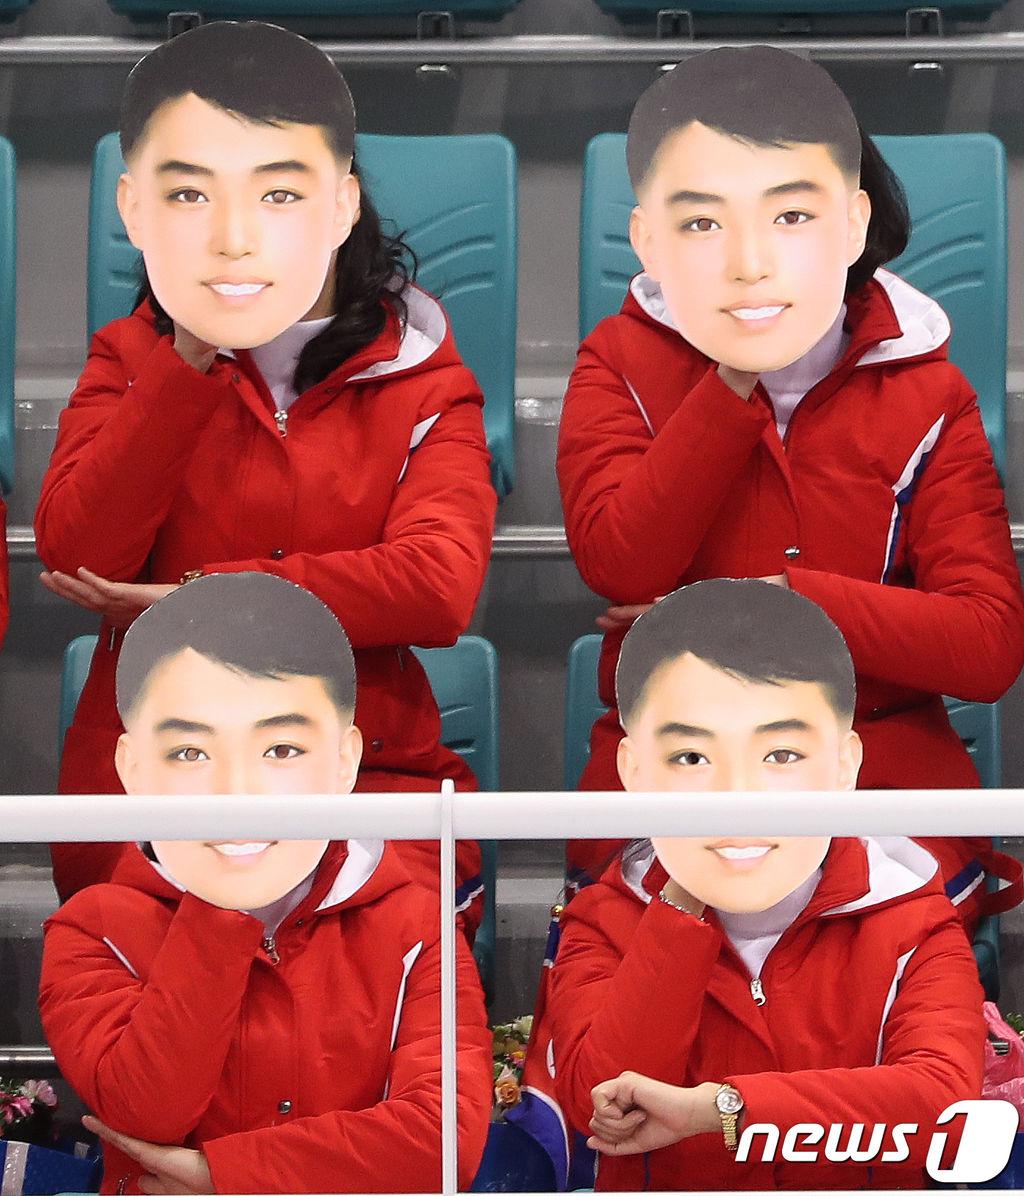 北朝鮮応援団、『美男仮面』をつけて応援(写真)[02/11]